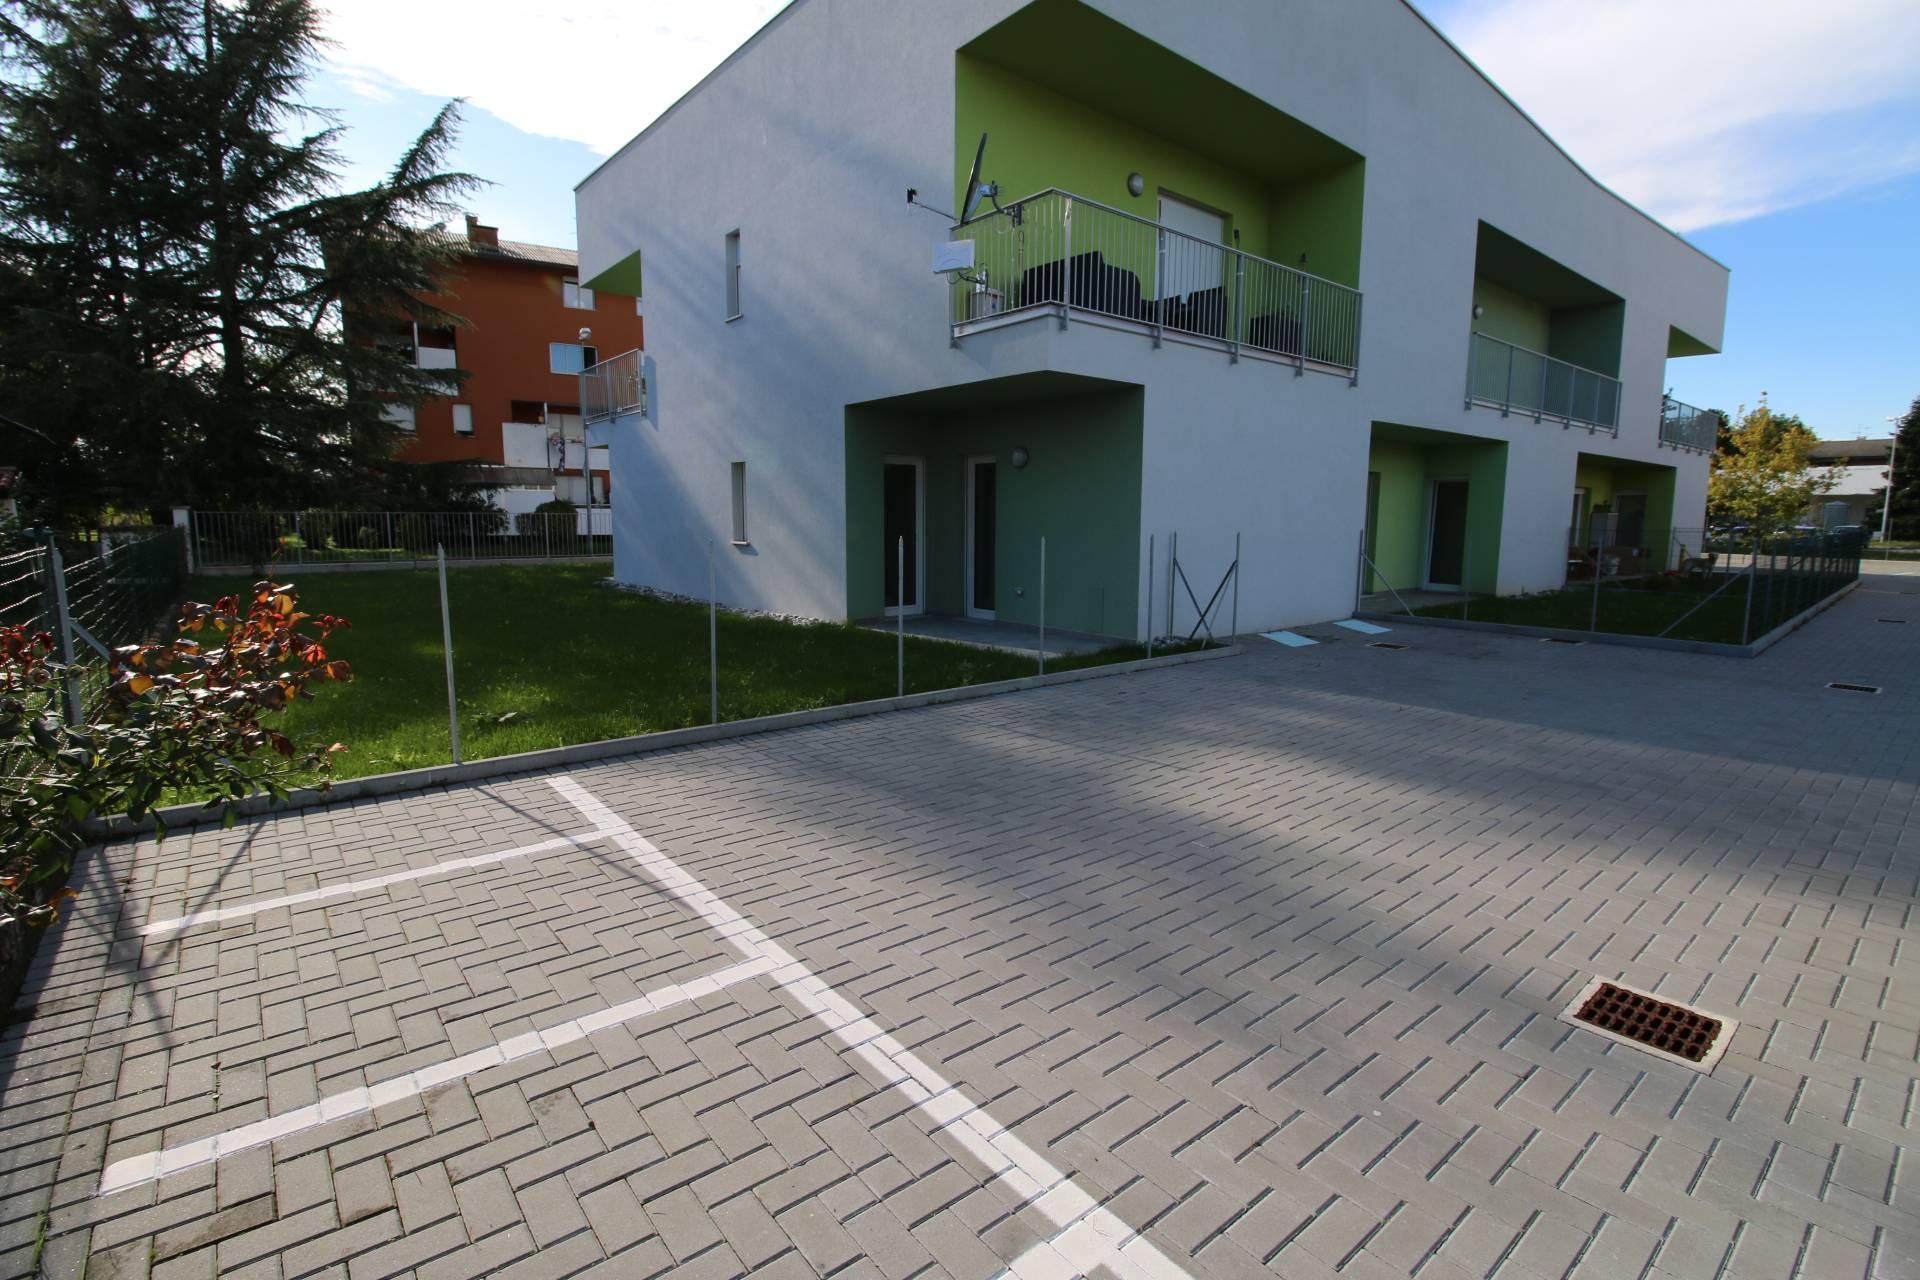 Appartamento in vendita a Gorizia, 4 locali, zona Zona: Lucinico, prezzo € 199.000 | CambioCasa.it